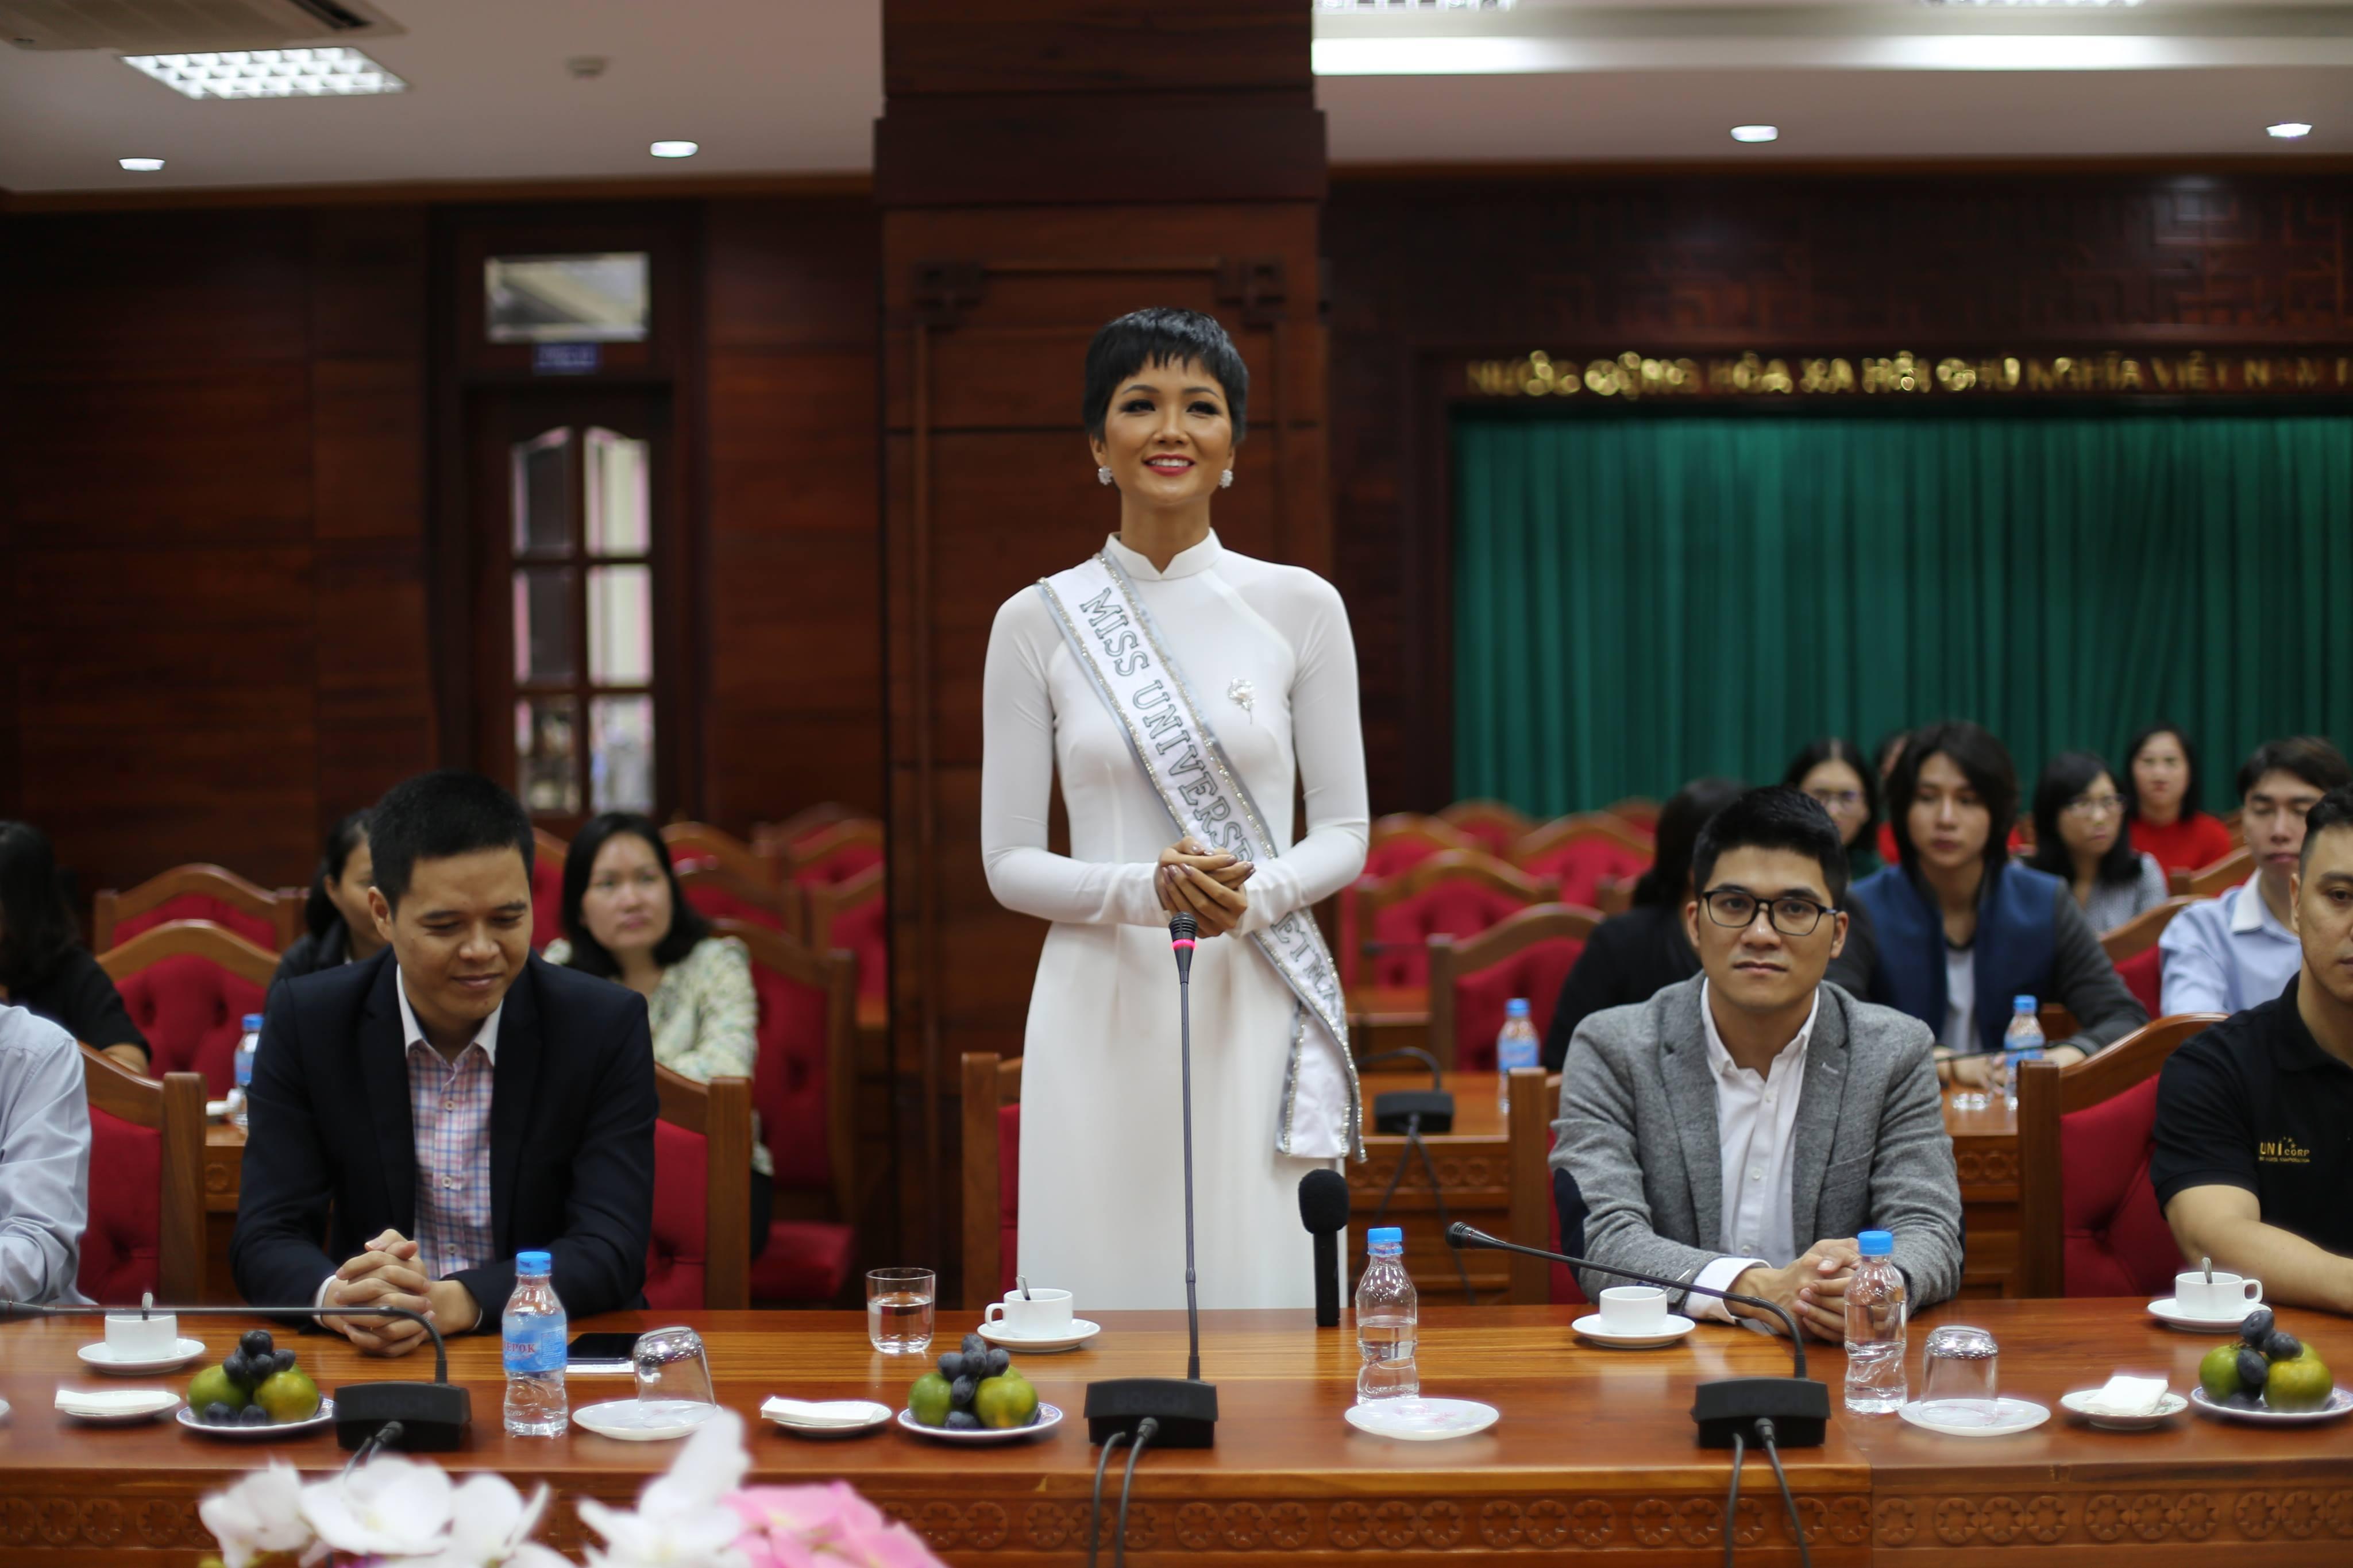 Tỉnh Đắk Lắk mời hoa hậu H'Hen Niê làm đại sứ cho cà phê Buôn Ma Thuột - Ảnh 3